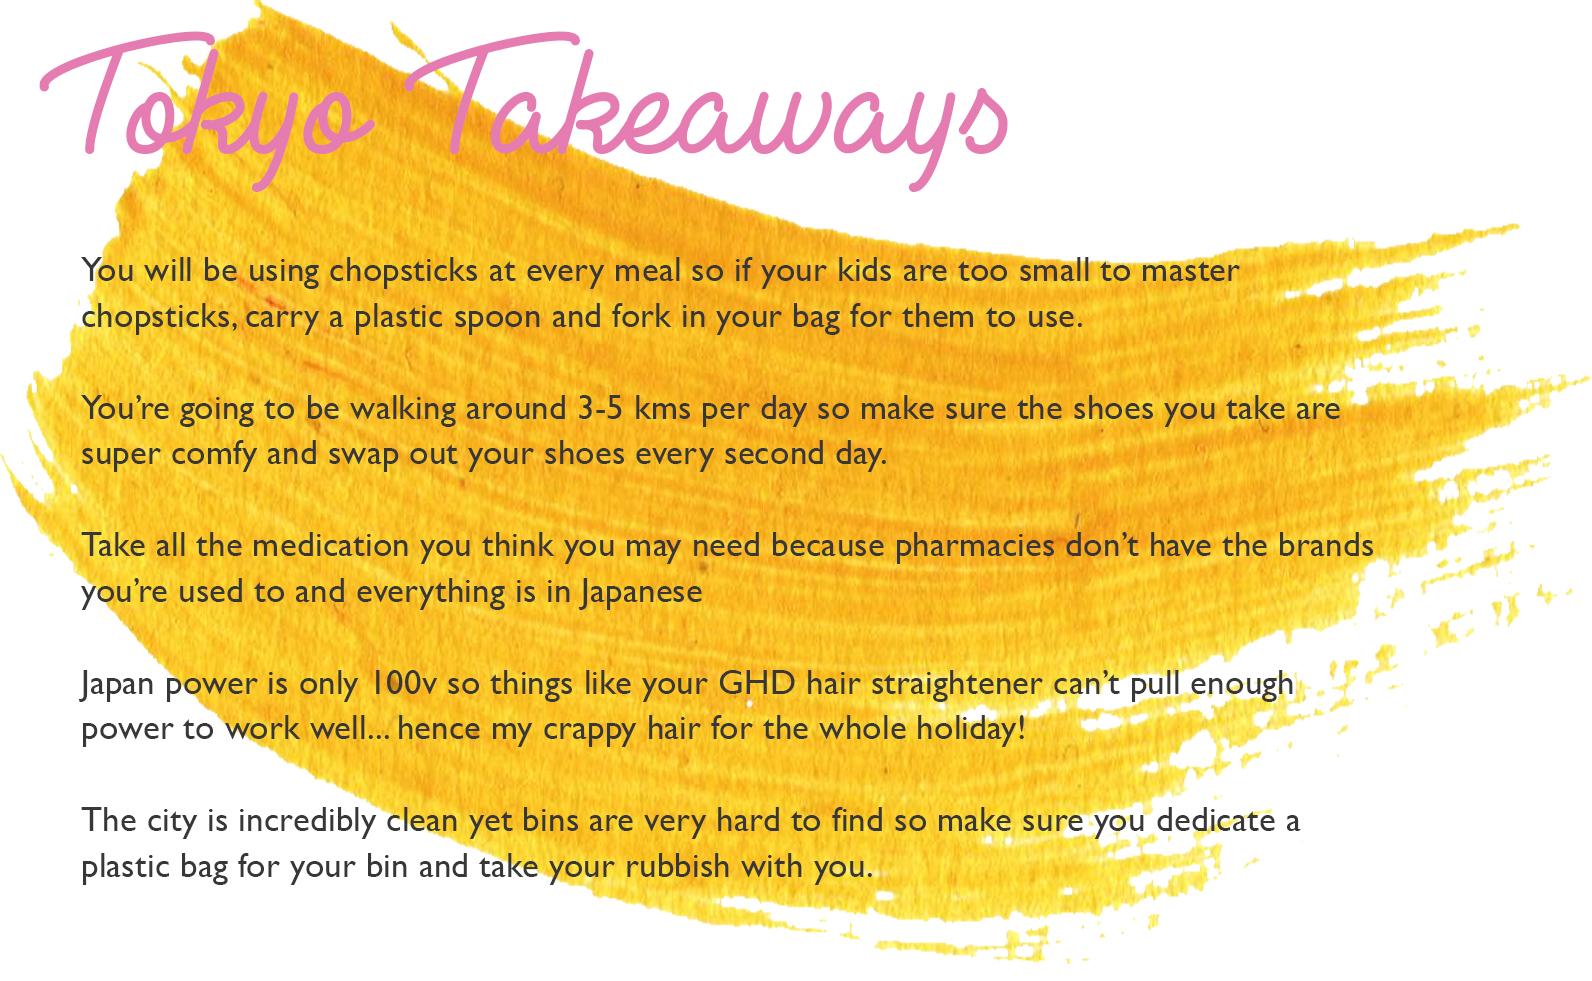 tokyo takeaways.jpg